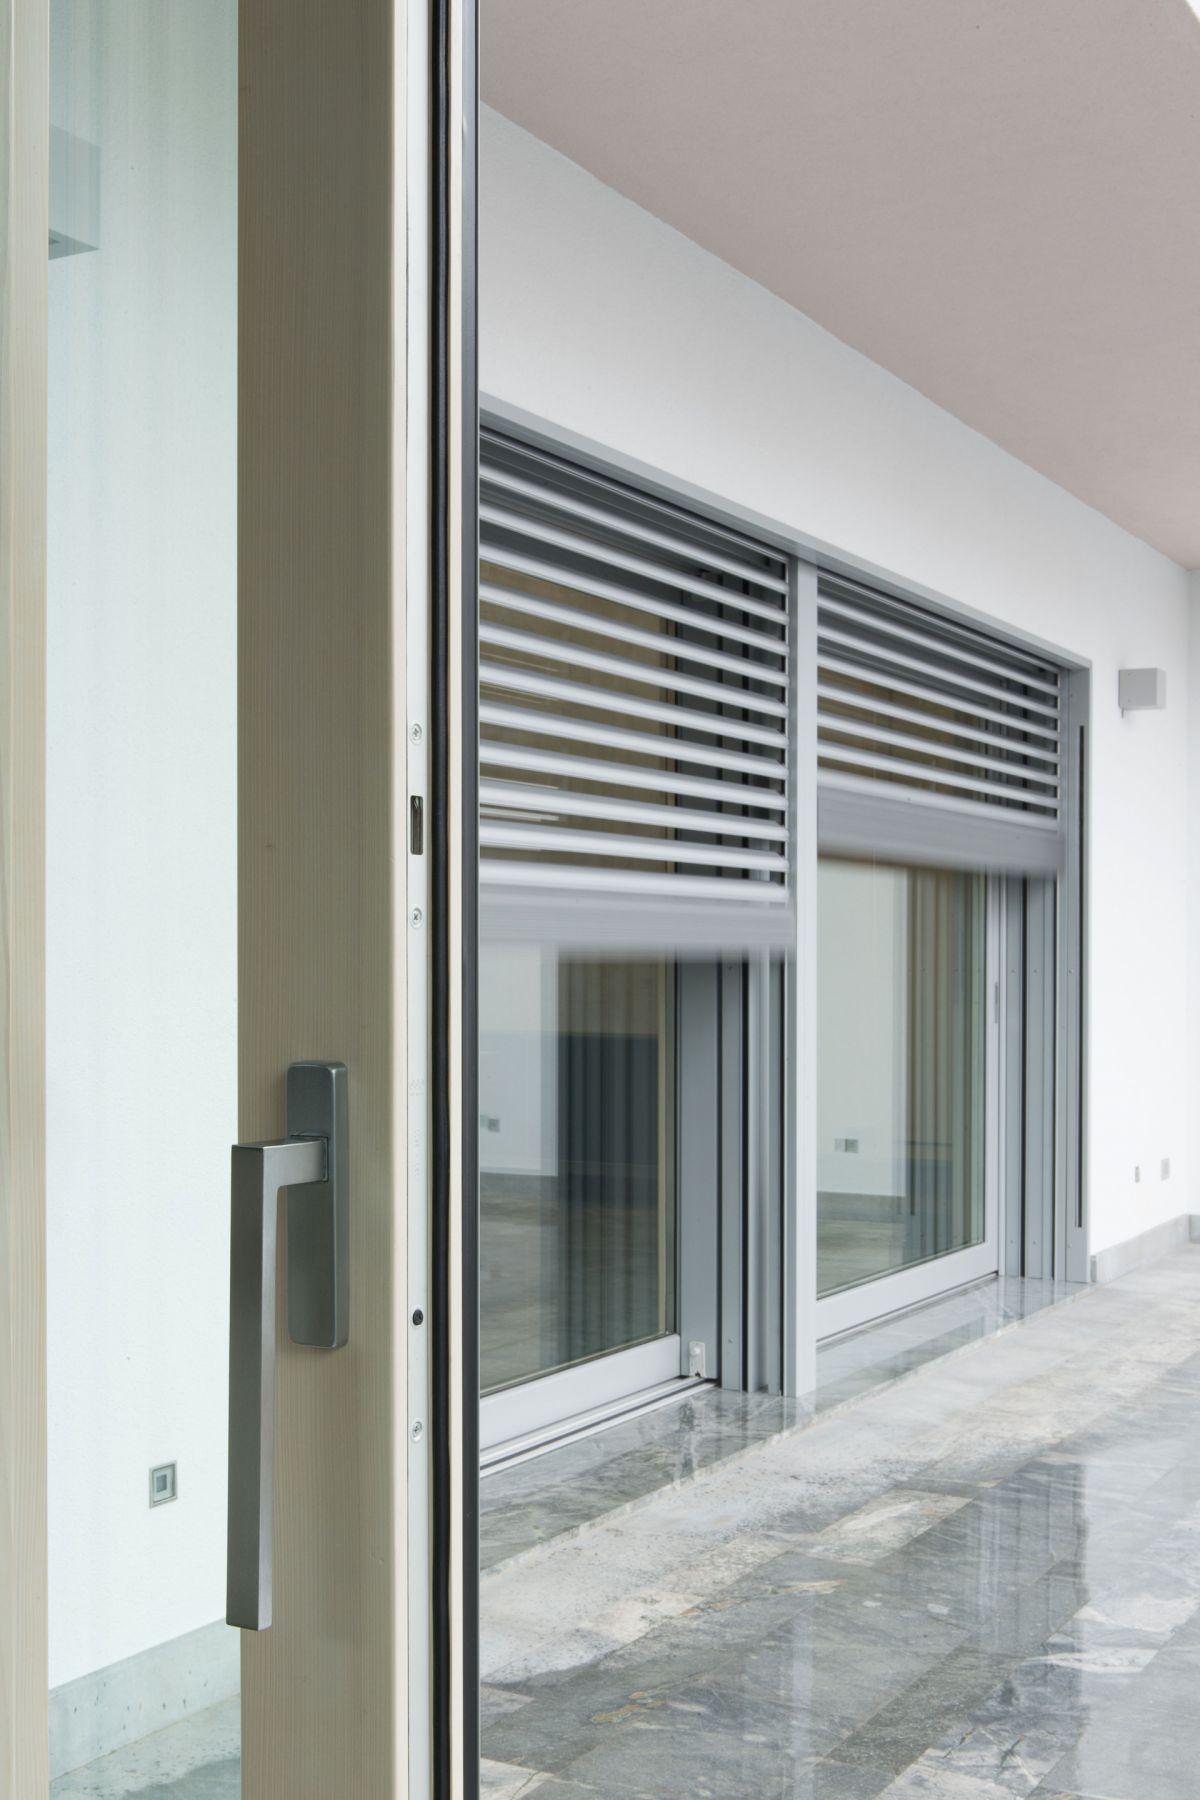 Porta finestra scorrevole complanare in alluminio e legno con triplo vetro passive 120 porta - Tende per porte esterne ...